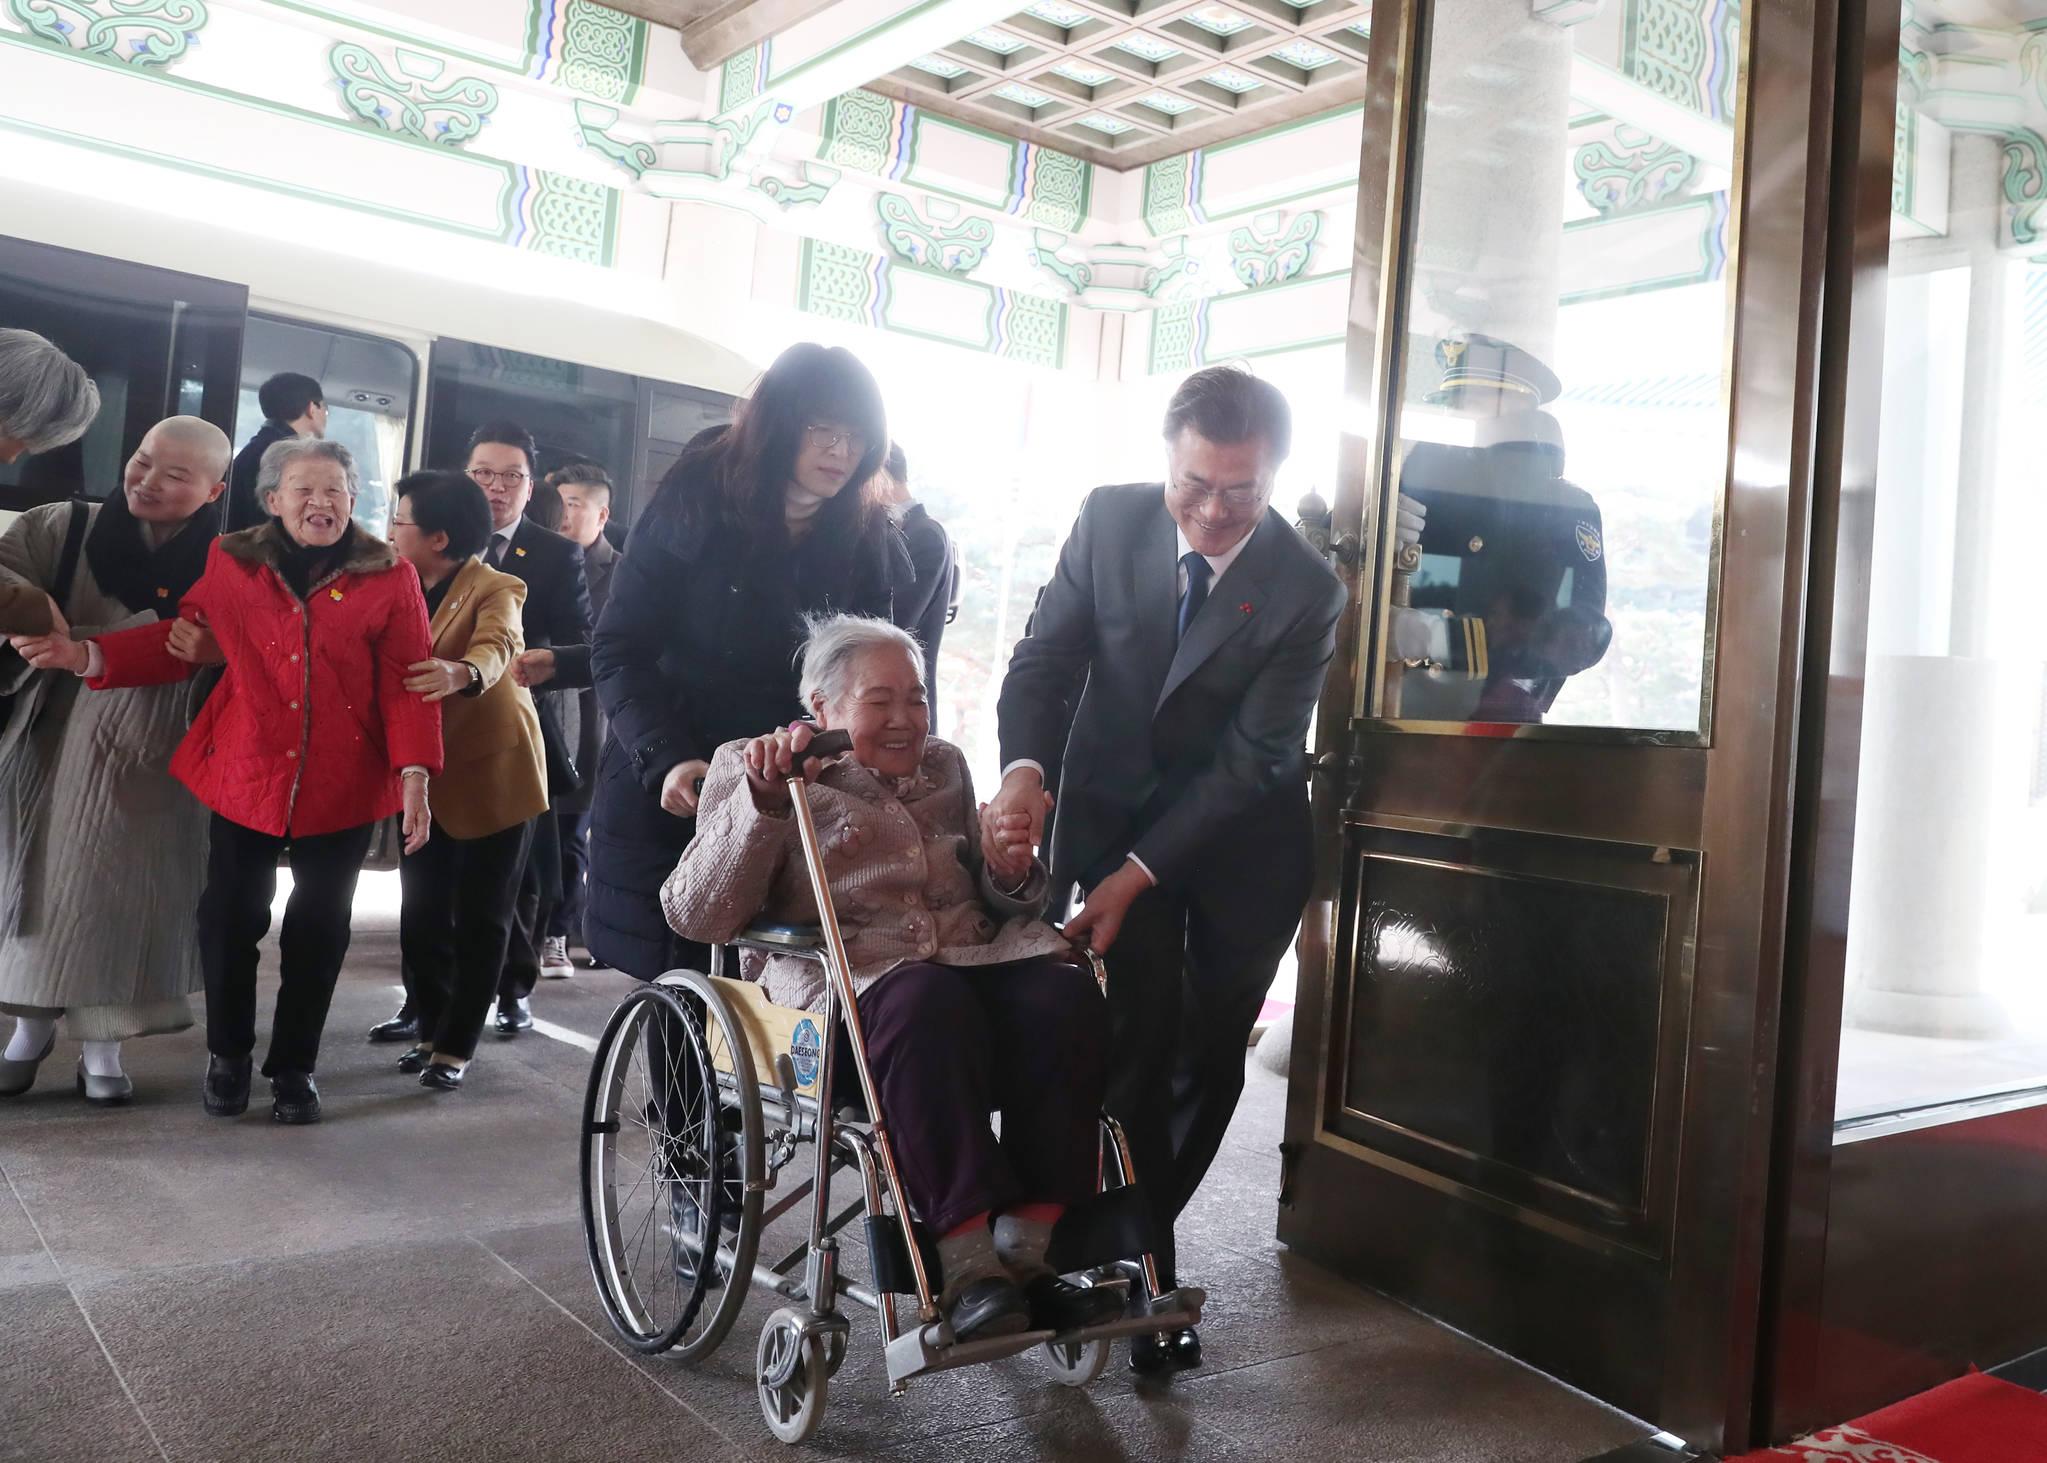 문재인 대통령은 1월 4일 일본군 위안부 피해자들을 청와대로 초청해 오찬을 함께 했다.문 대통령이 늦게 도착한 한 할머니의 휠체어를 밀며 행사장으로 이동하고 있다. [사진 청와대]